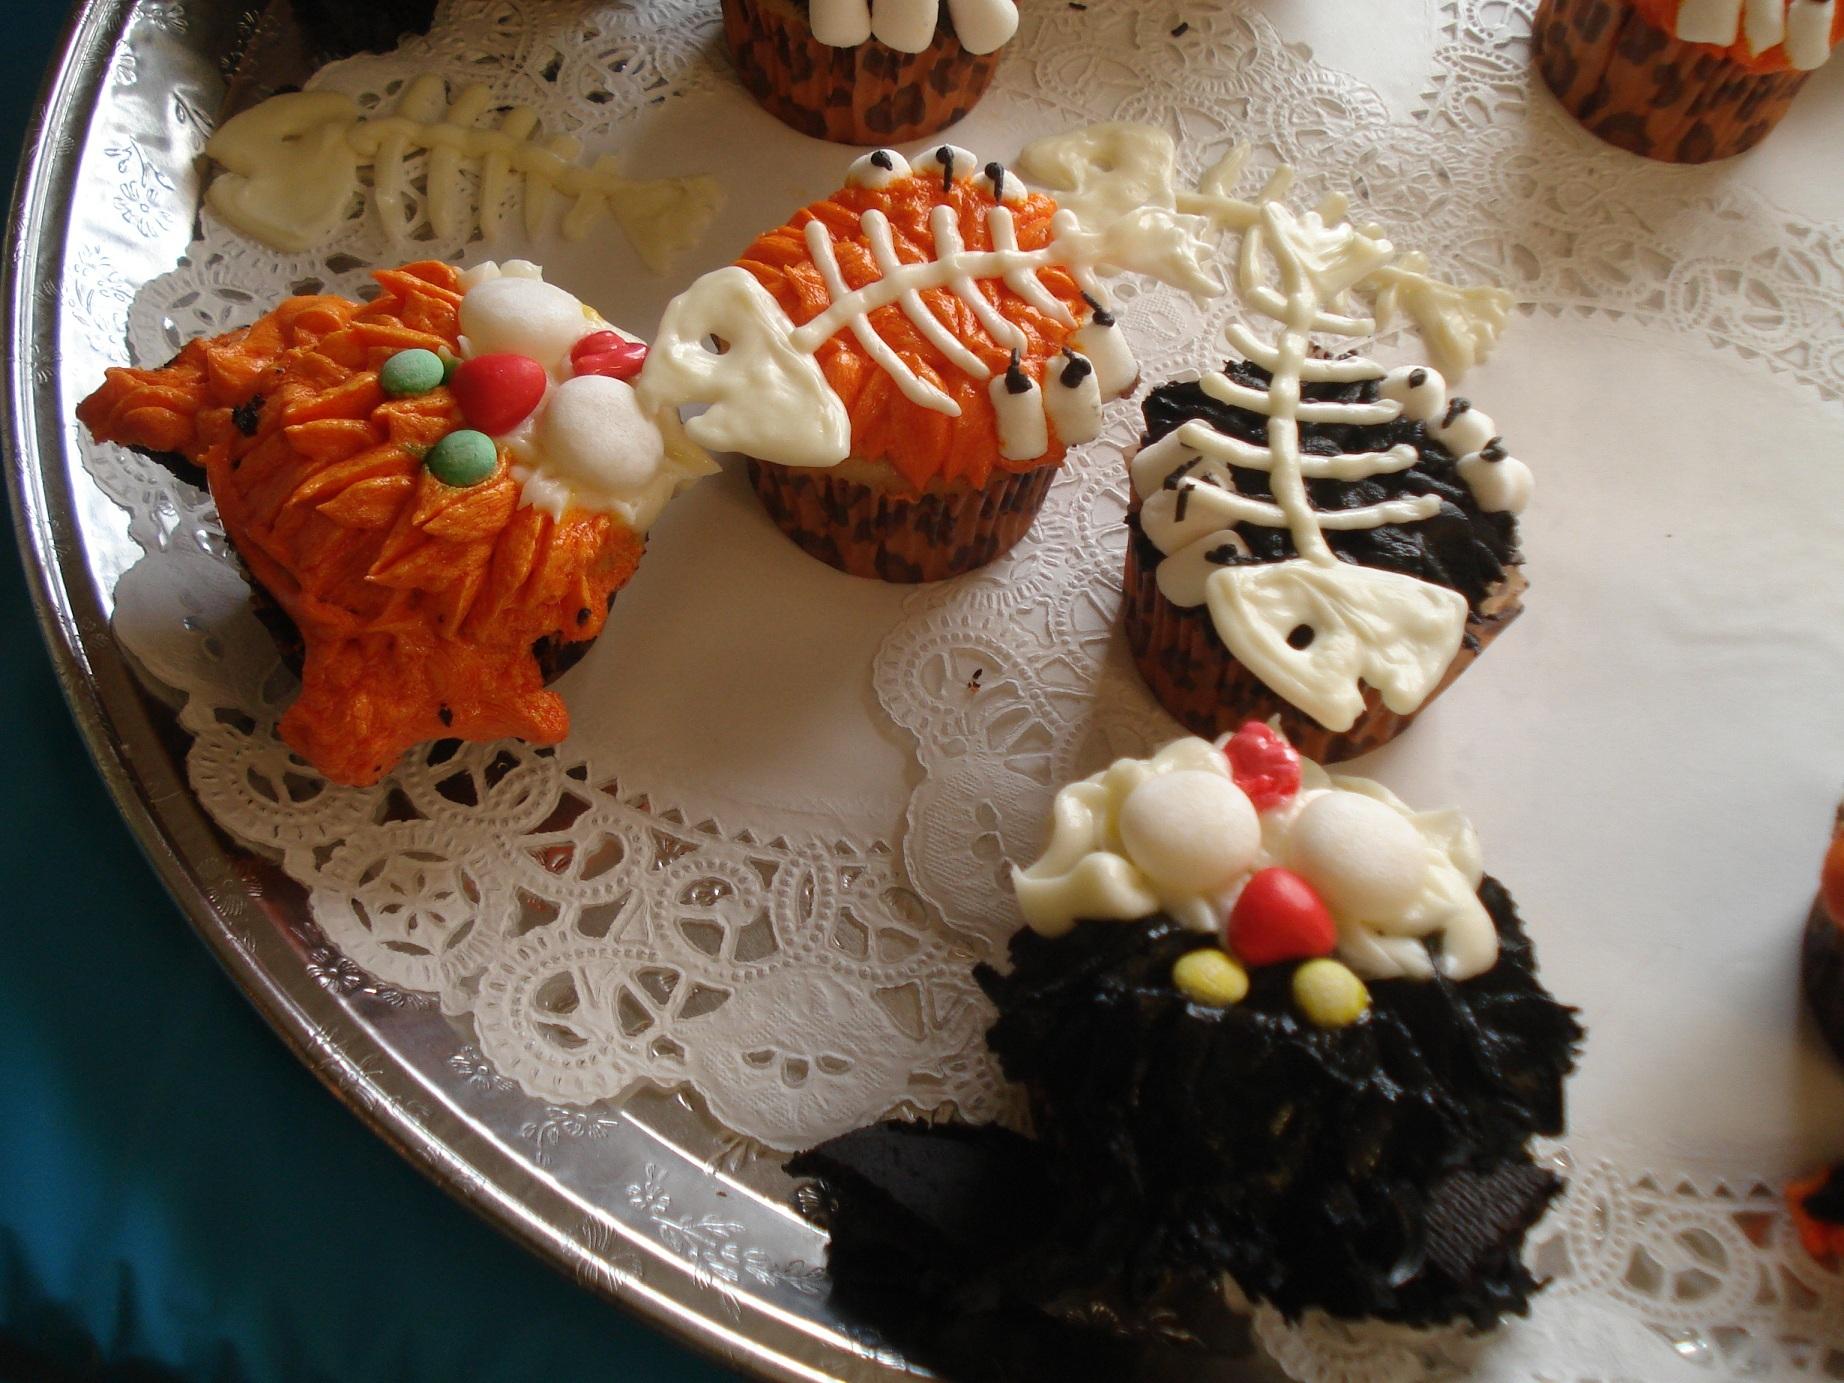 6c4e753b137018ffadc0_cupcakes_2.jpg